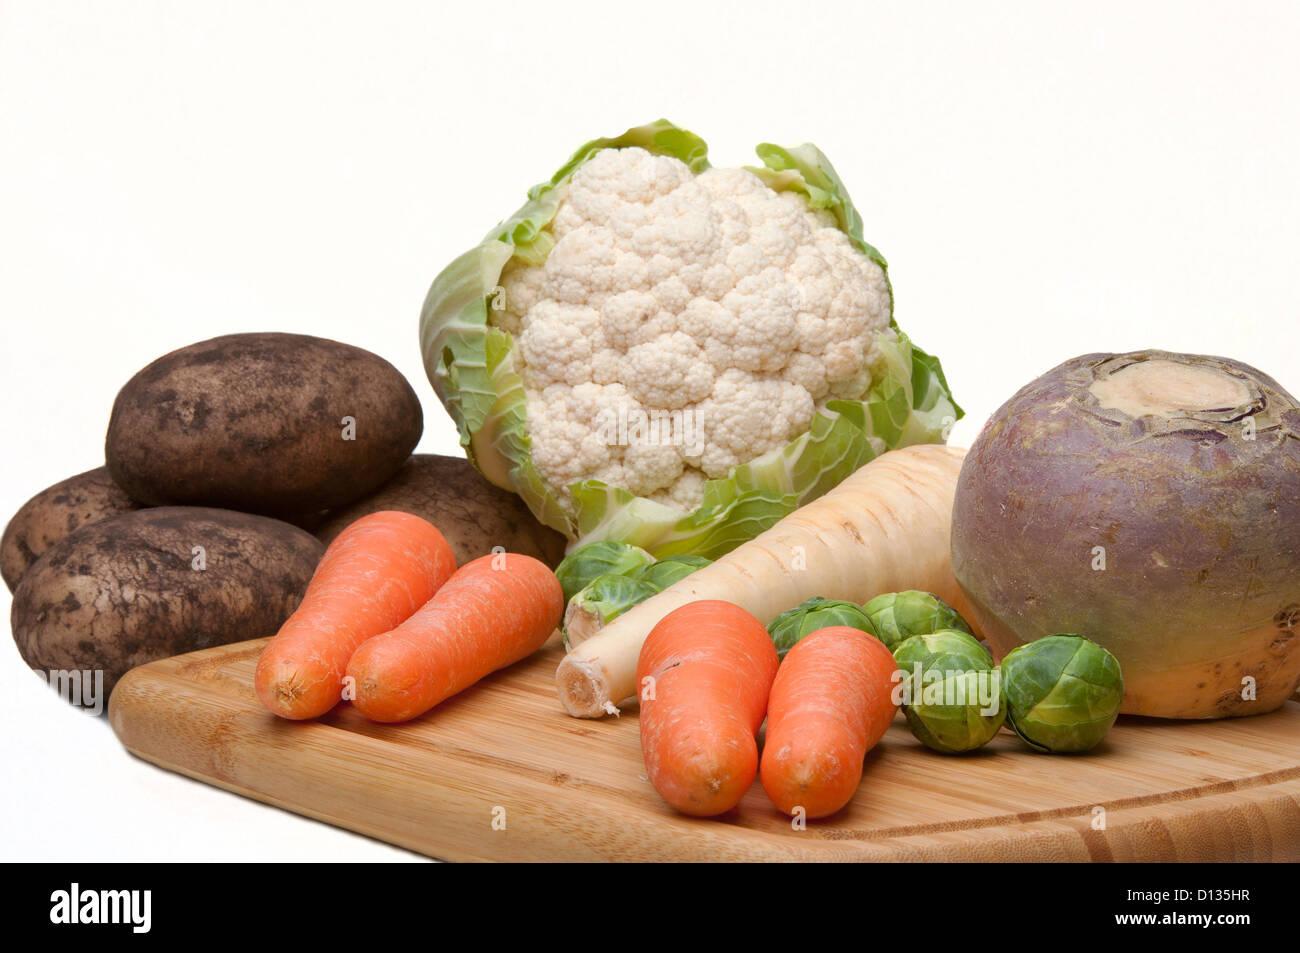 Une sélection de légumes d'hiver suédois,notamment,carottes, panais, pommes de terre et chou Photo Stock